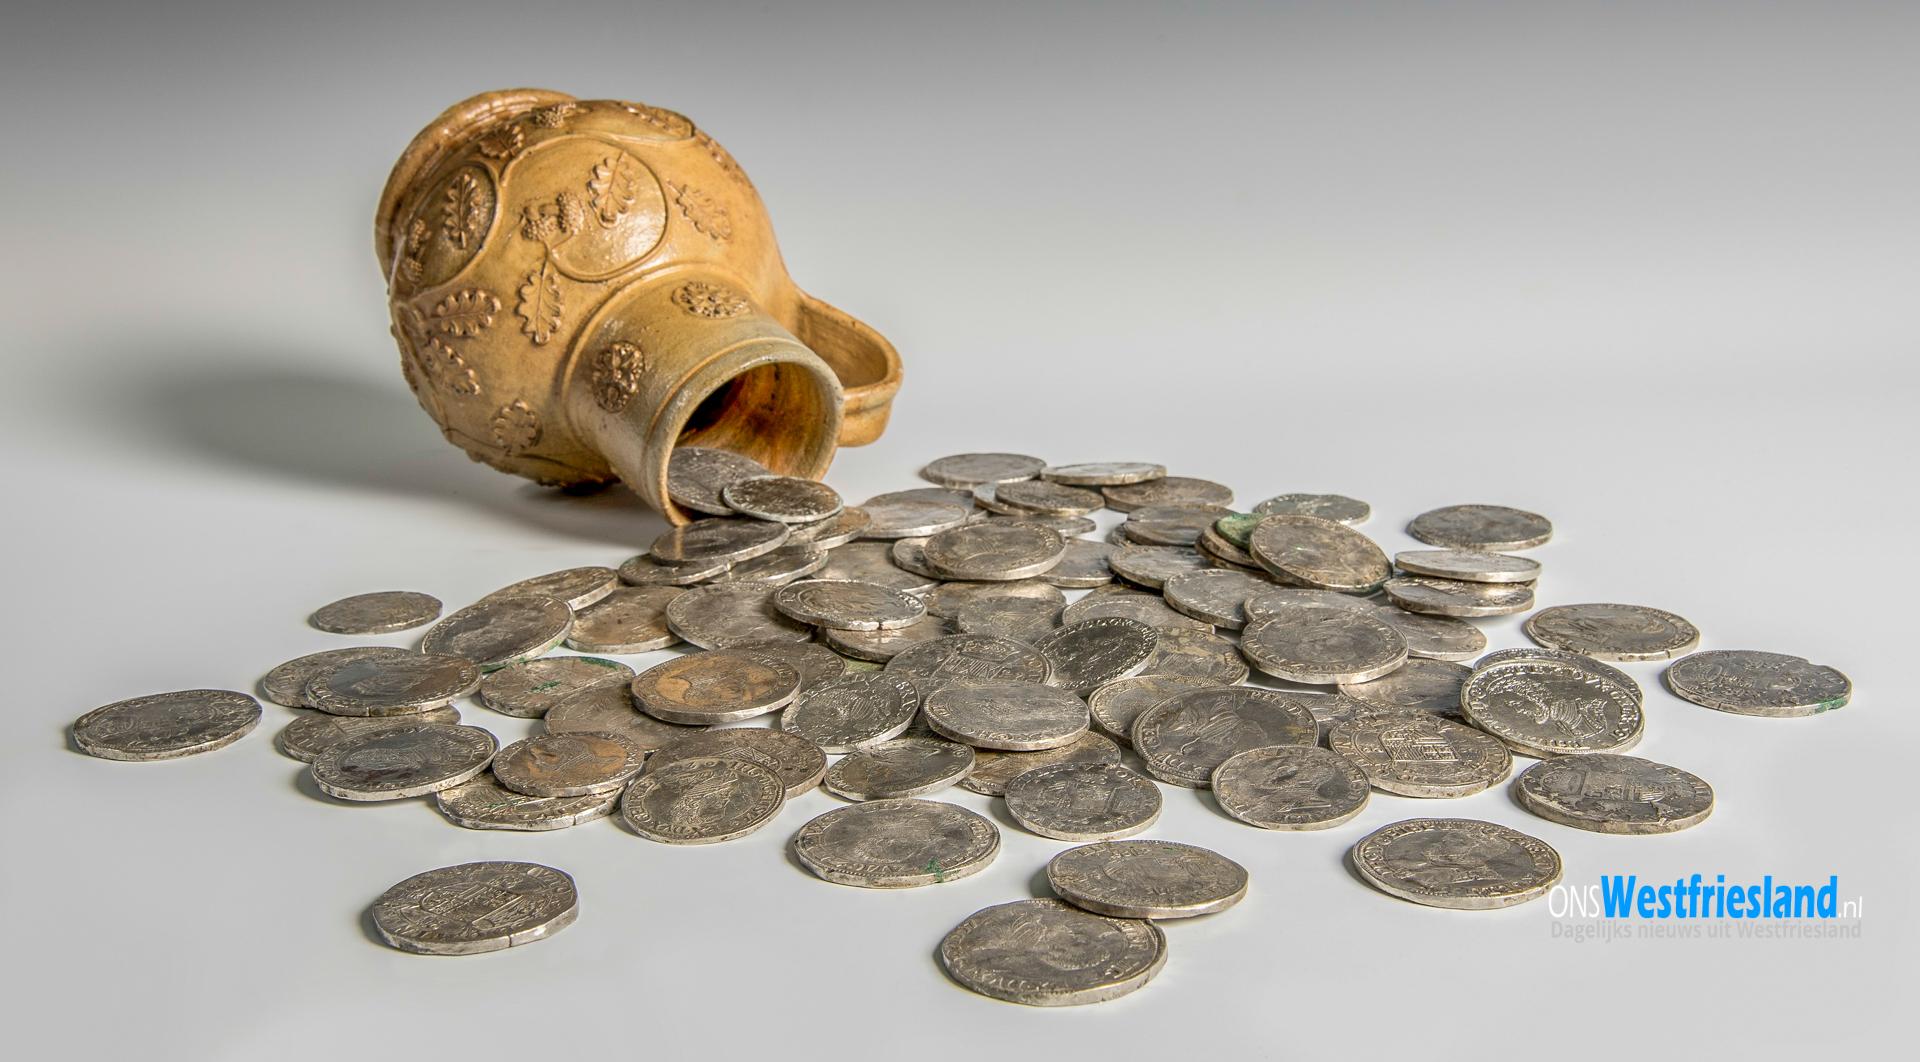 Zilverschat uit 16e-eeuw ontdekt op akker in Westwoud